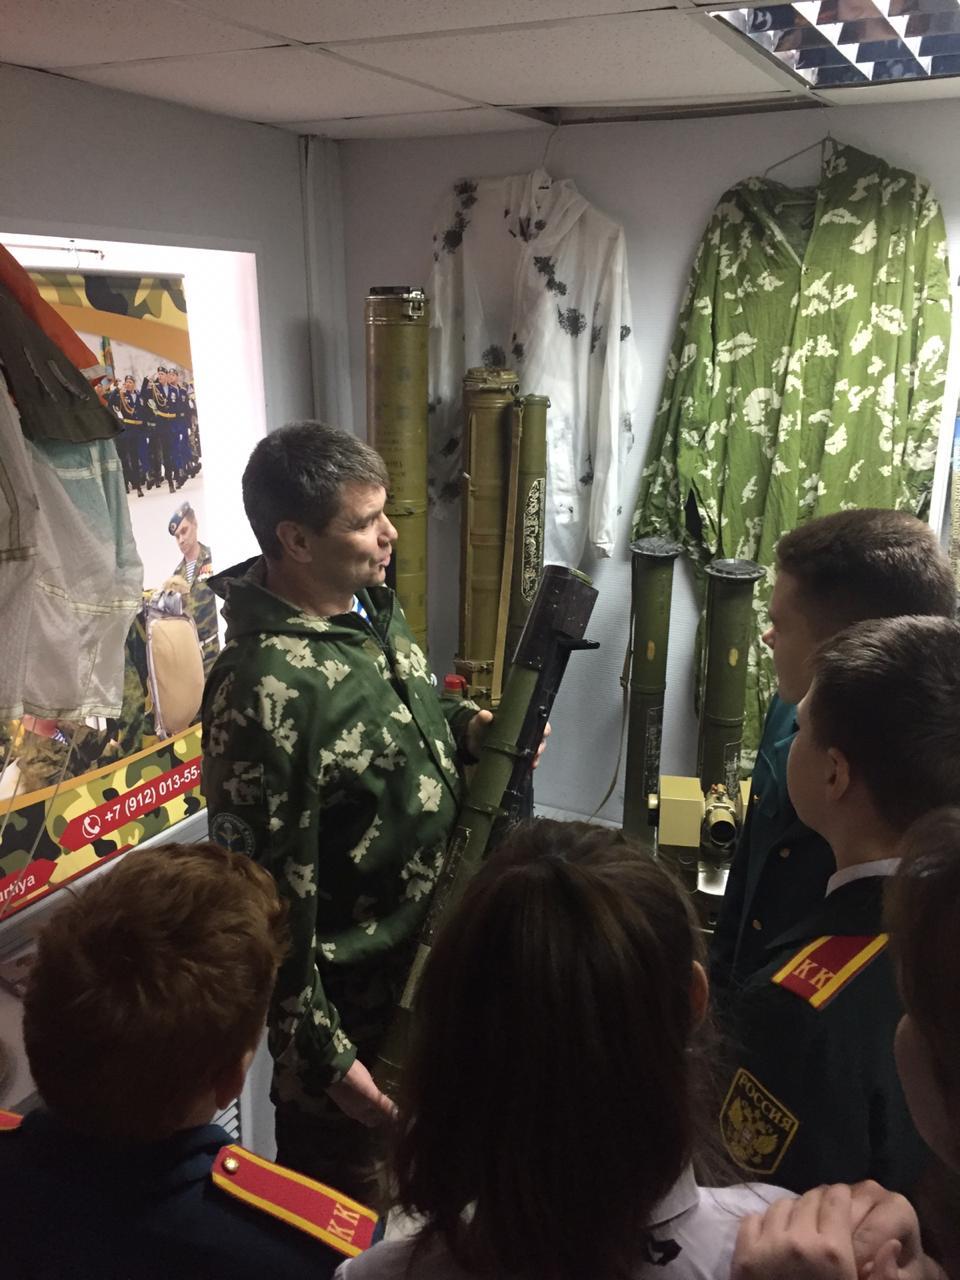 «Союз десантников Удмуртии» в ноябрьские дни проводит уроки мужества, посвящённые Калашникову Михаилу Тимофеевичу